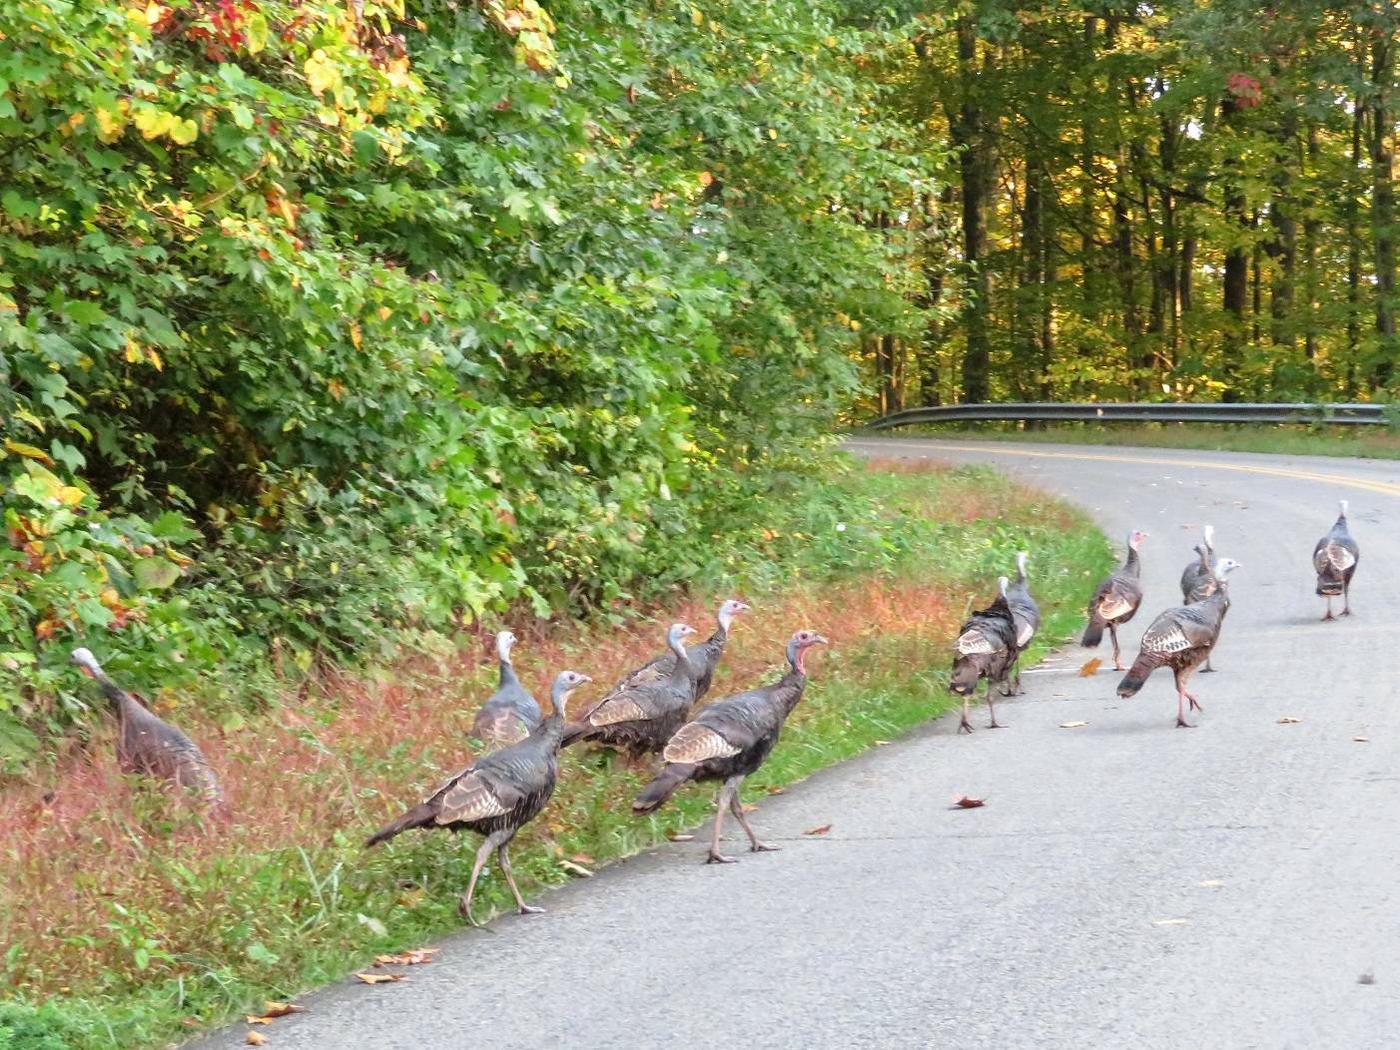 Wild Turkeys on roadway